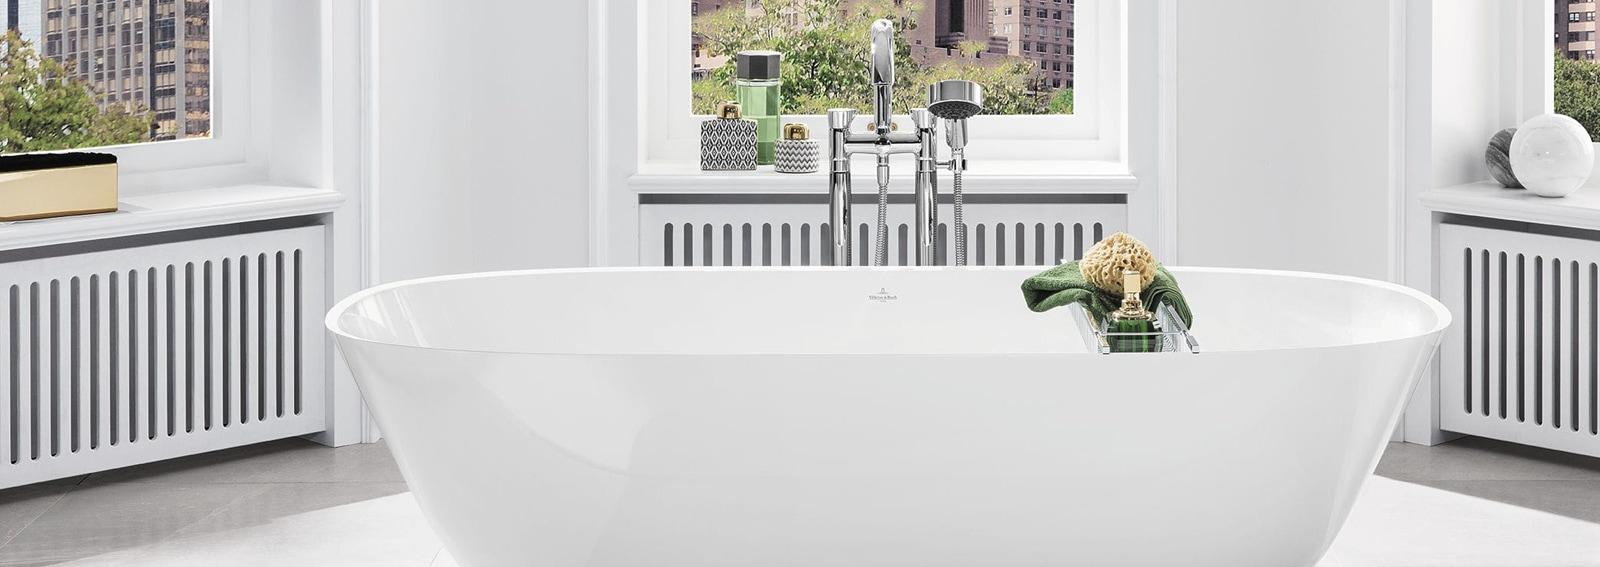 Vasca da bagno freestanding o da appoggio come scegliere quella giusta per te - Vasca da bagno da appoggio ...